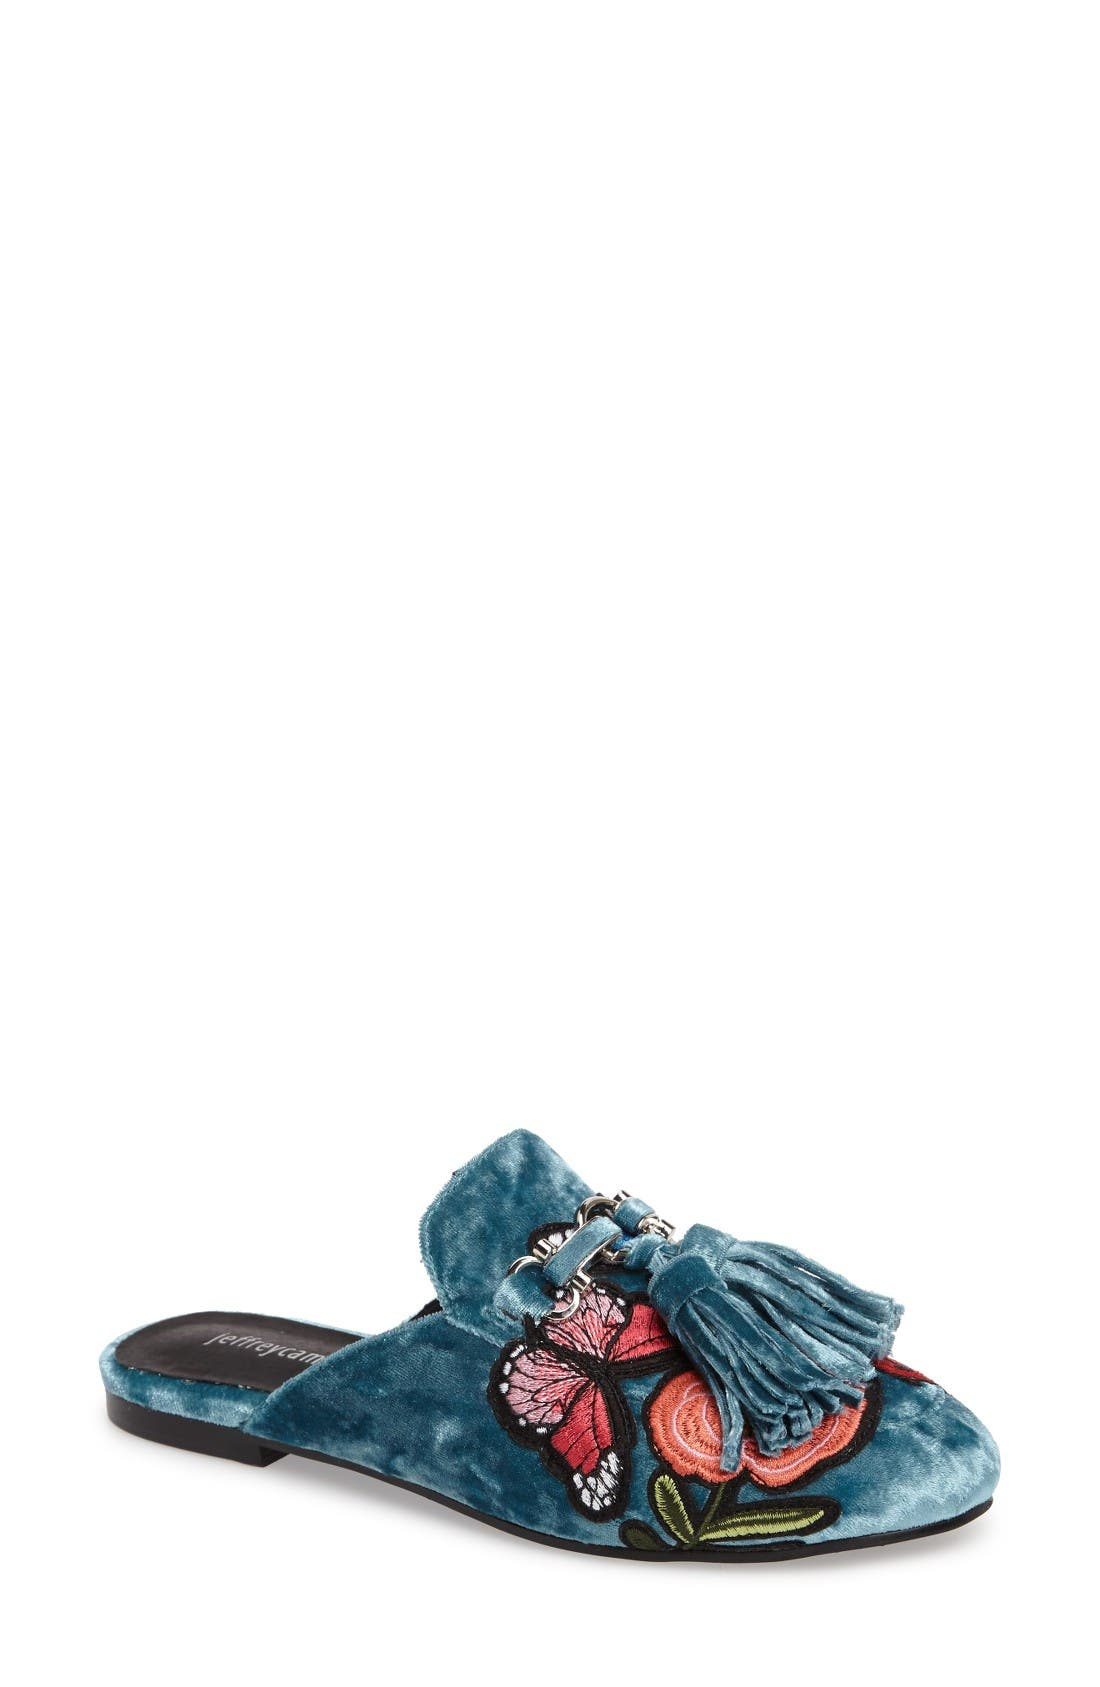 Main Image - Jeffrey Campbell Apfel Flower Tassel Loafer Mule (Women)